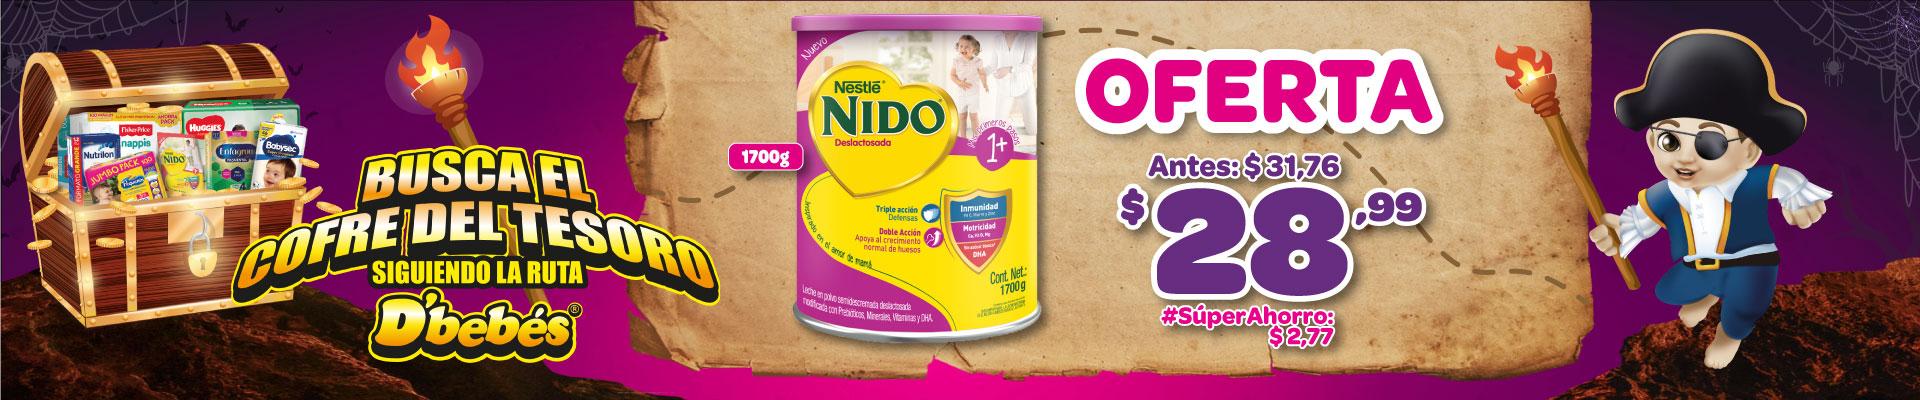 BANNER NIDO1 DESLACTOSADAactualizado